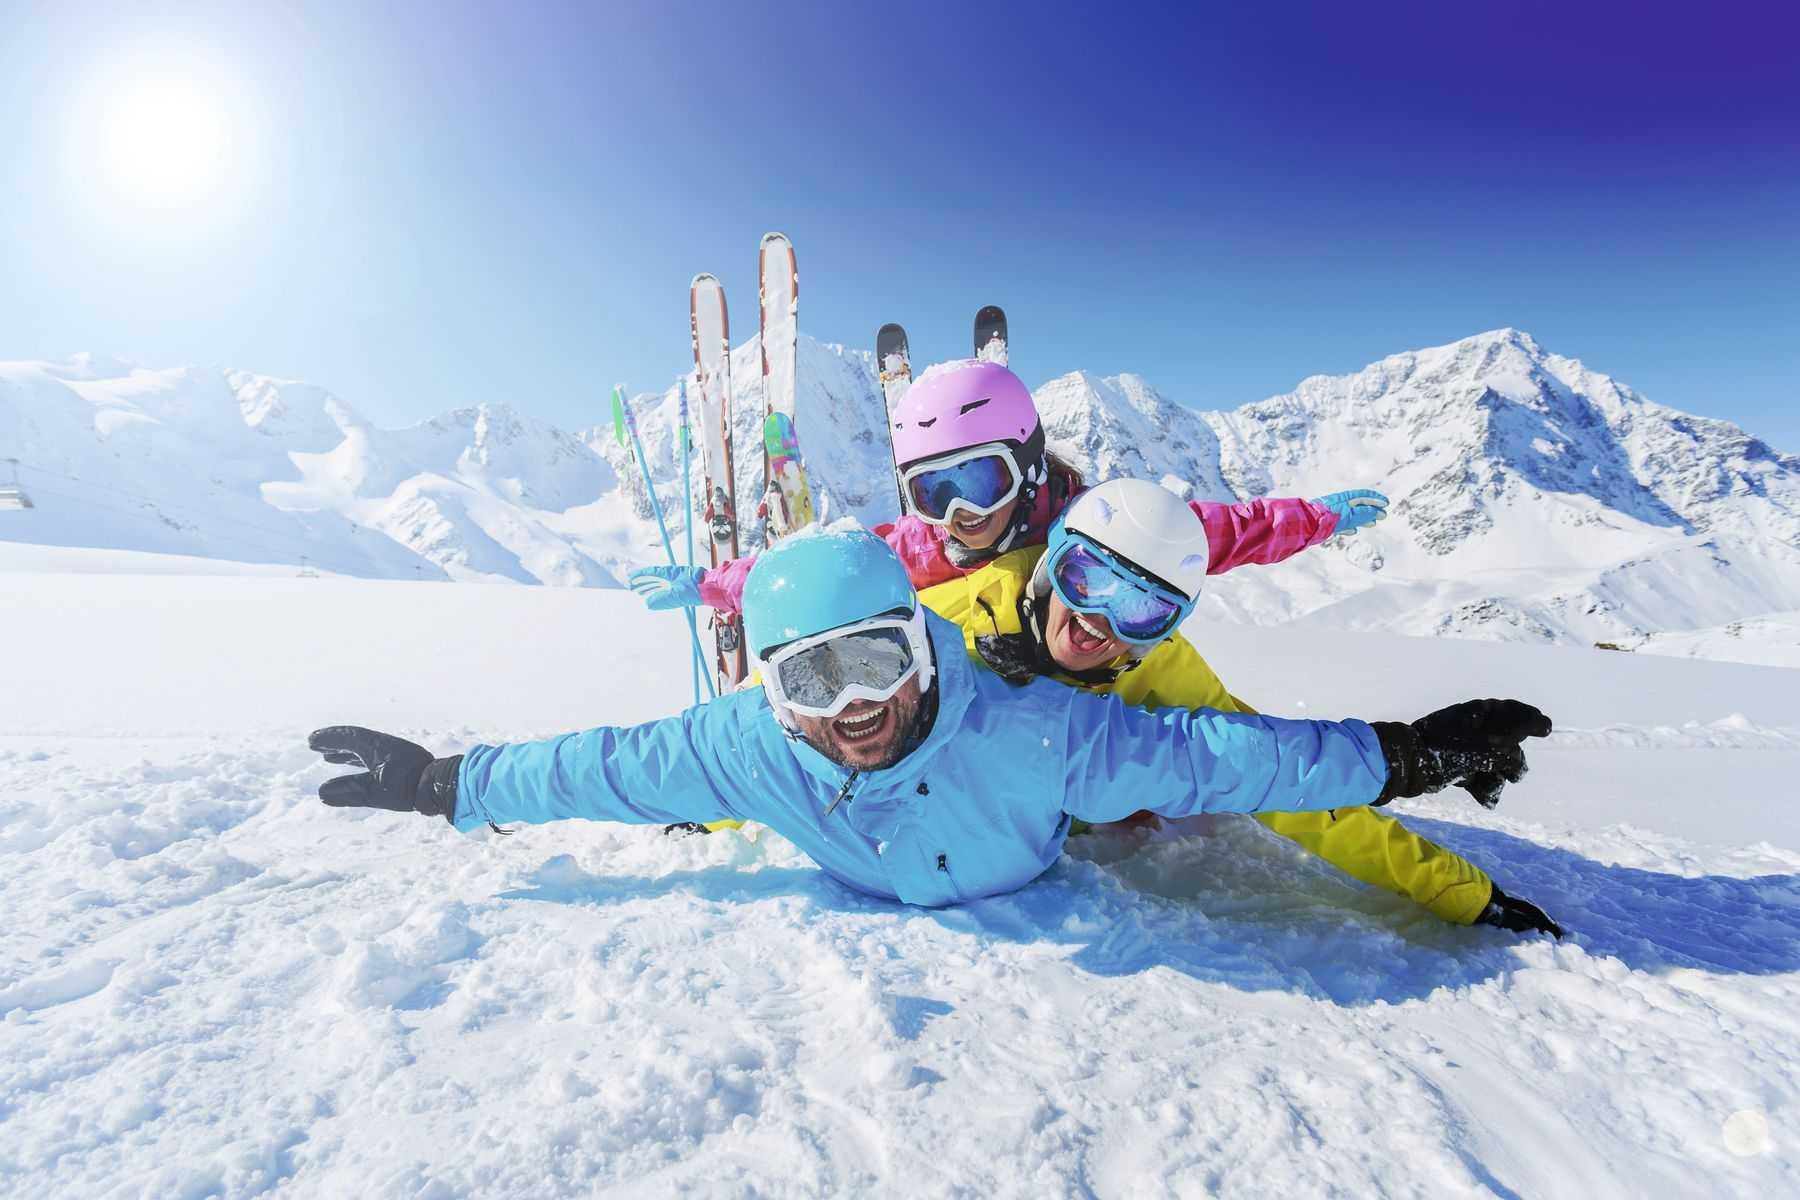 Keliaujam slidinėti į Italijos kalnus! Skrydžiai su registruotu bagažu ir pervežimais ir savaitė viešbutyje su pusryčiais!